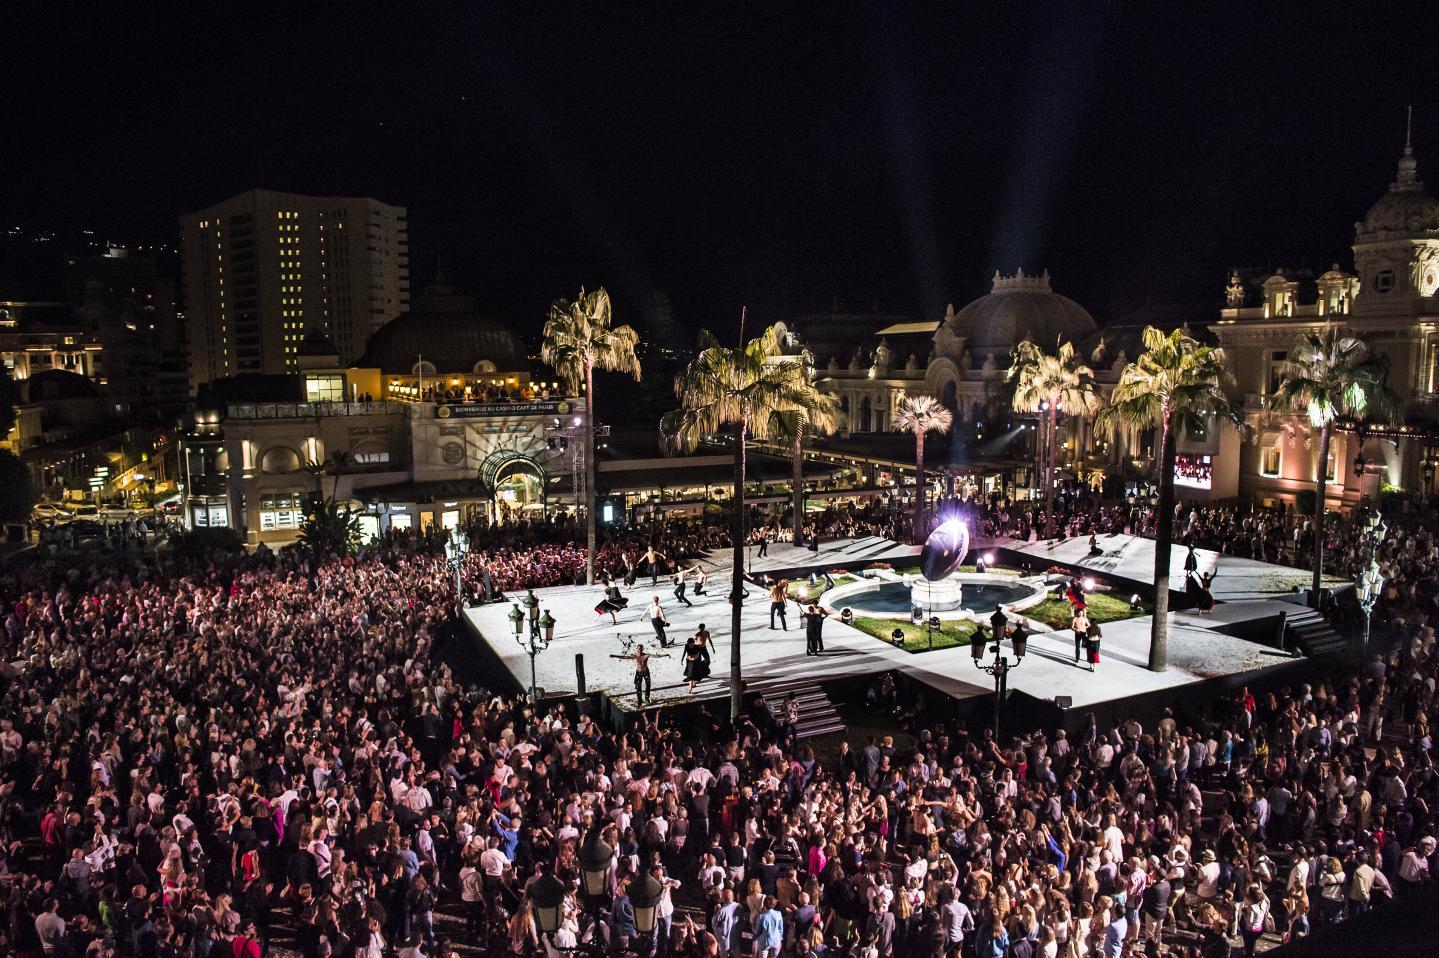 En 2017, la première édition sur la place du Casino de la F(ê)aites de la danse avait attiré plusieurs dizaines de milliers de personnes.